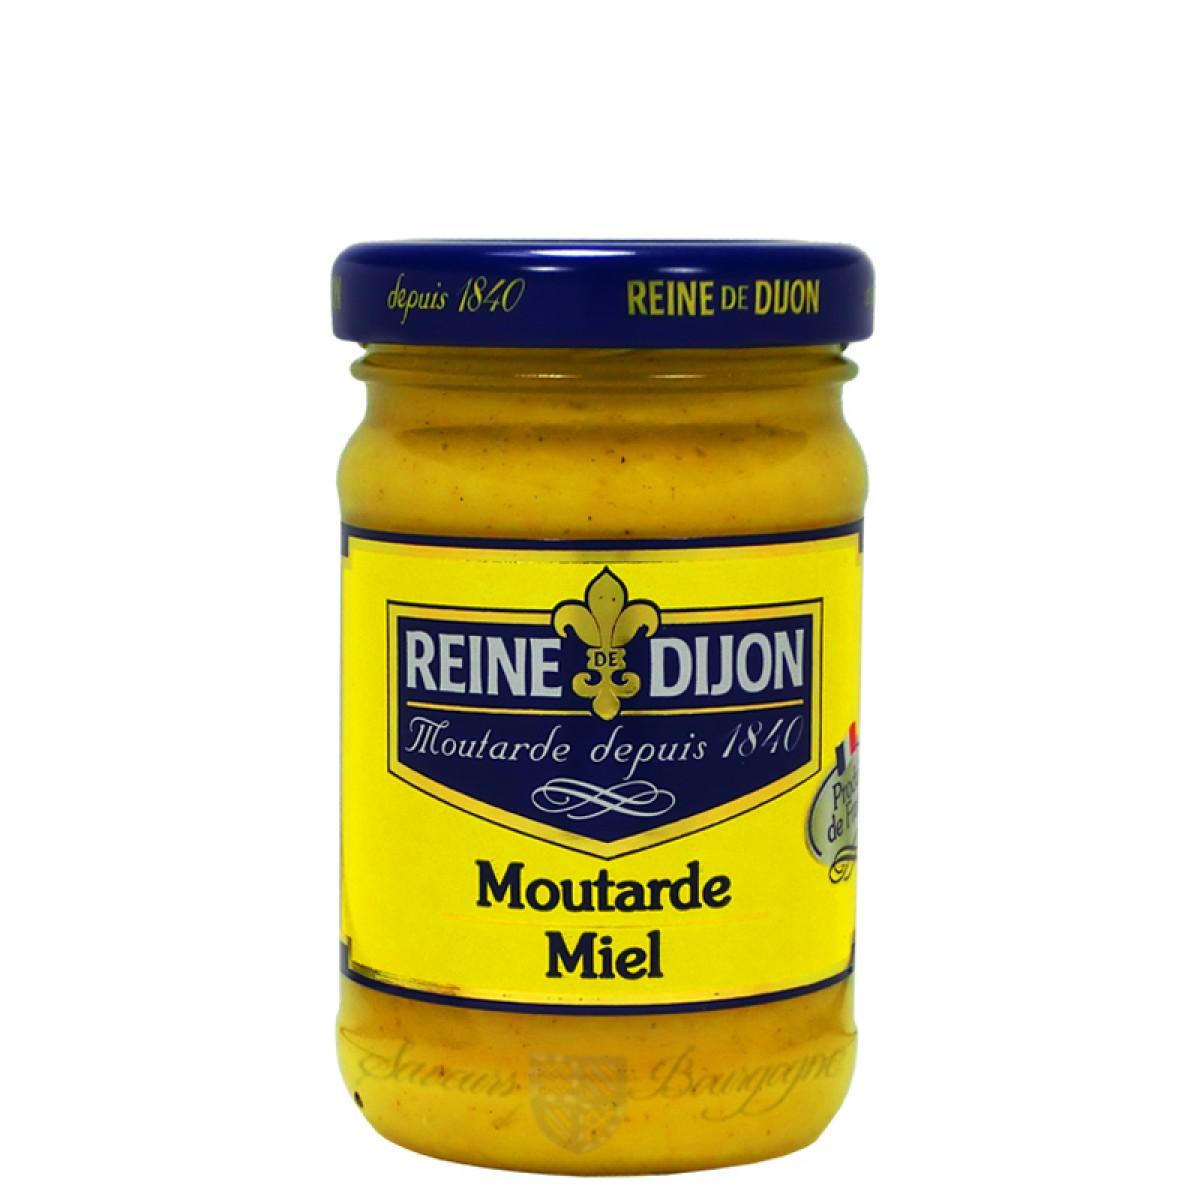 Moutarde au miel 100g moutarde saveurs de bourgogne vente de produits d - Moutarde fallot vente ...